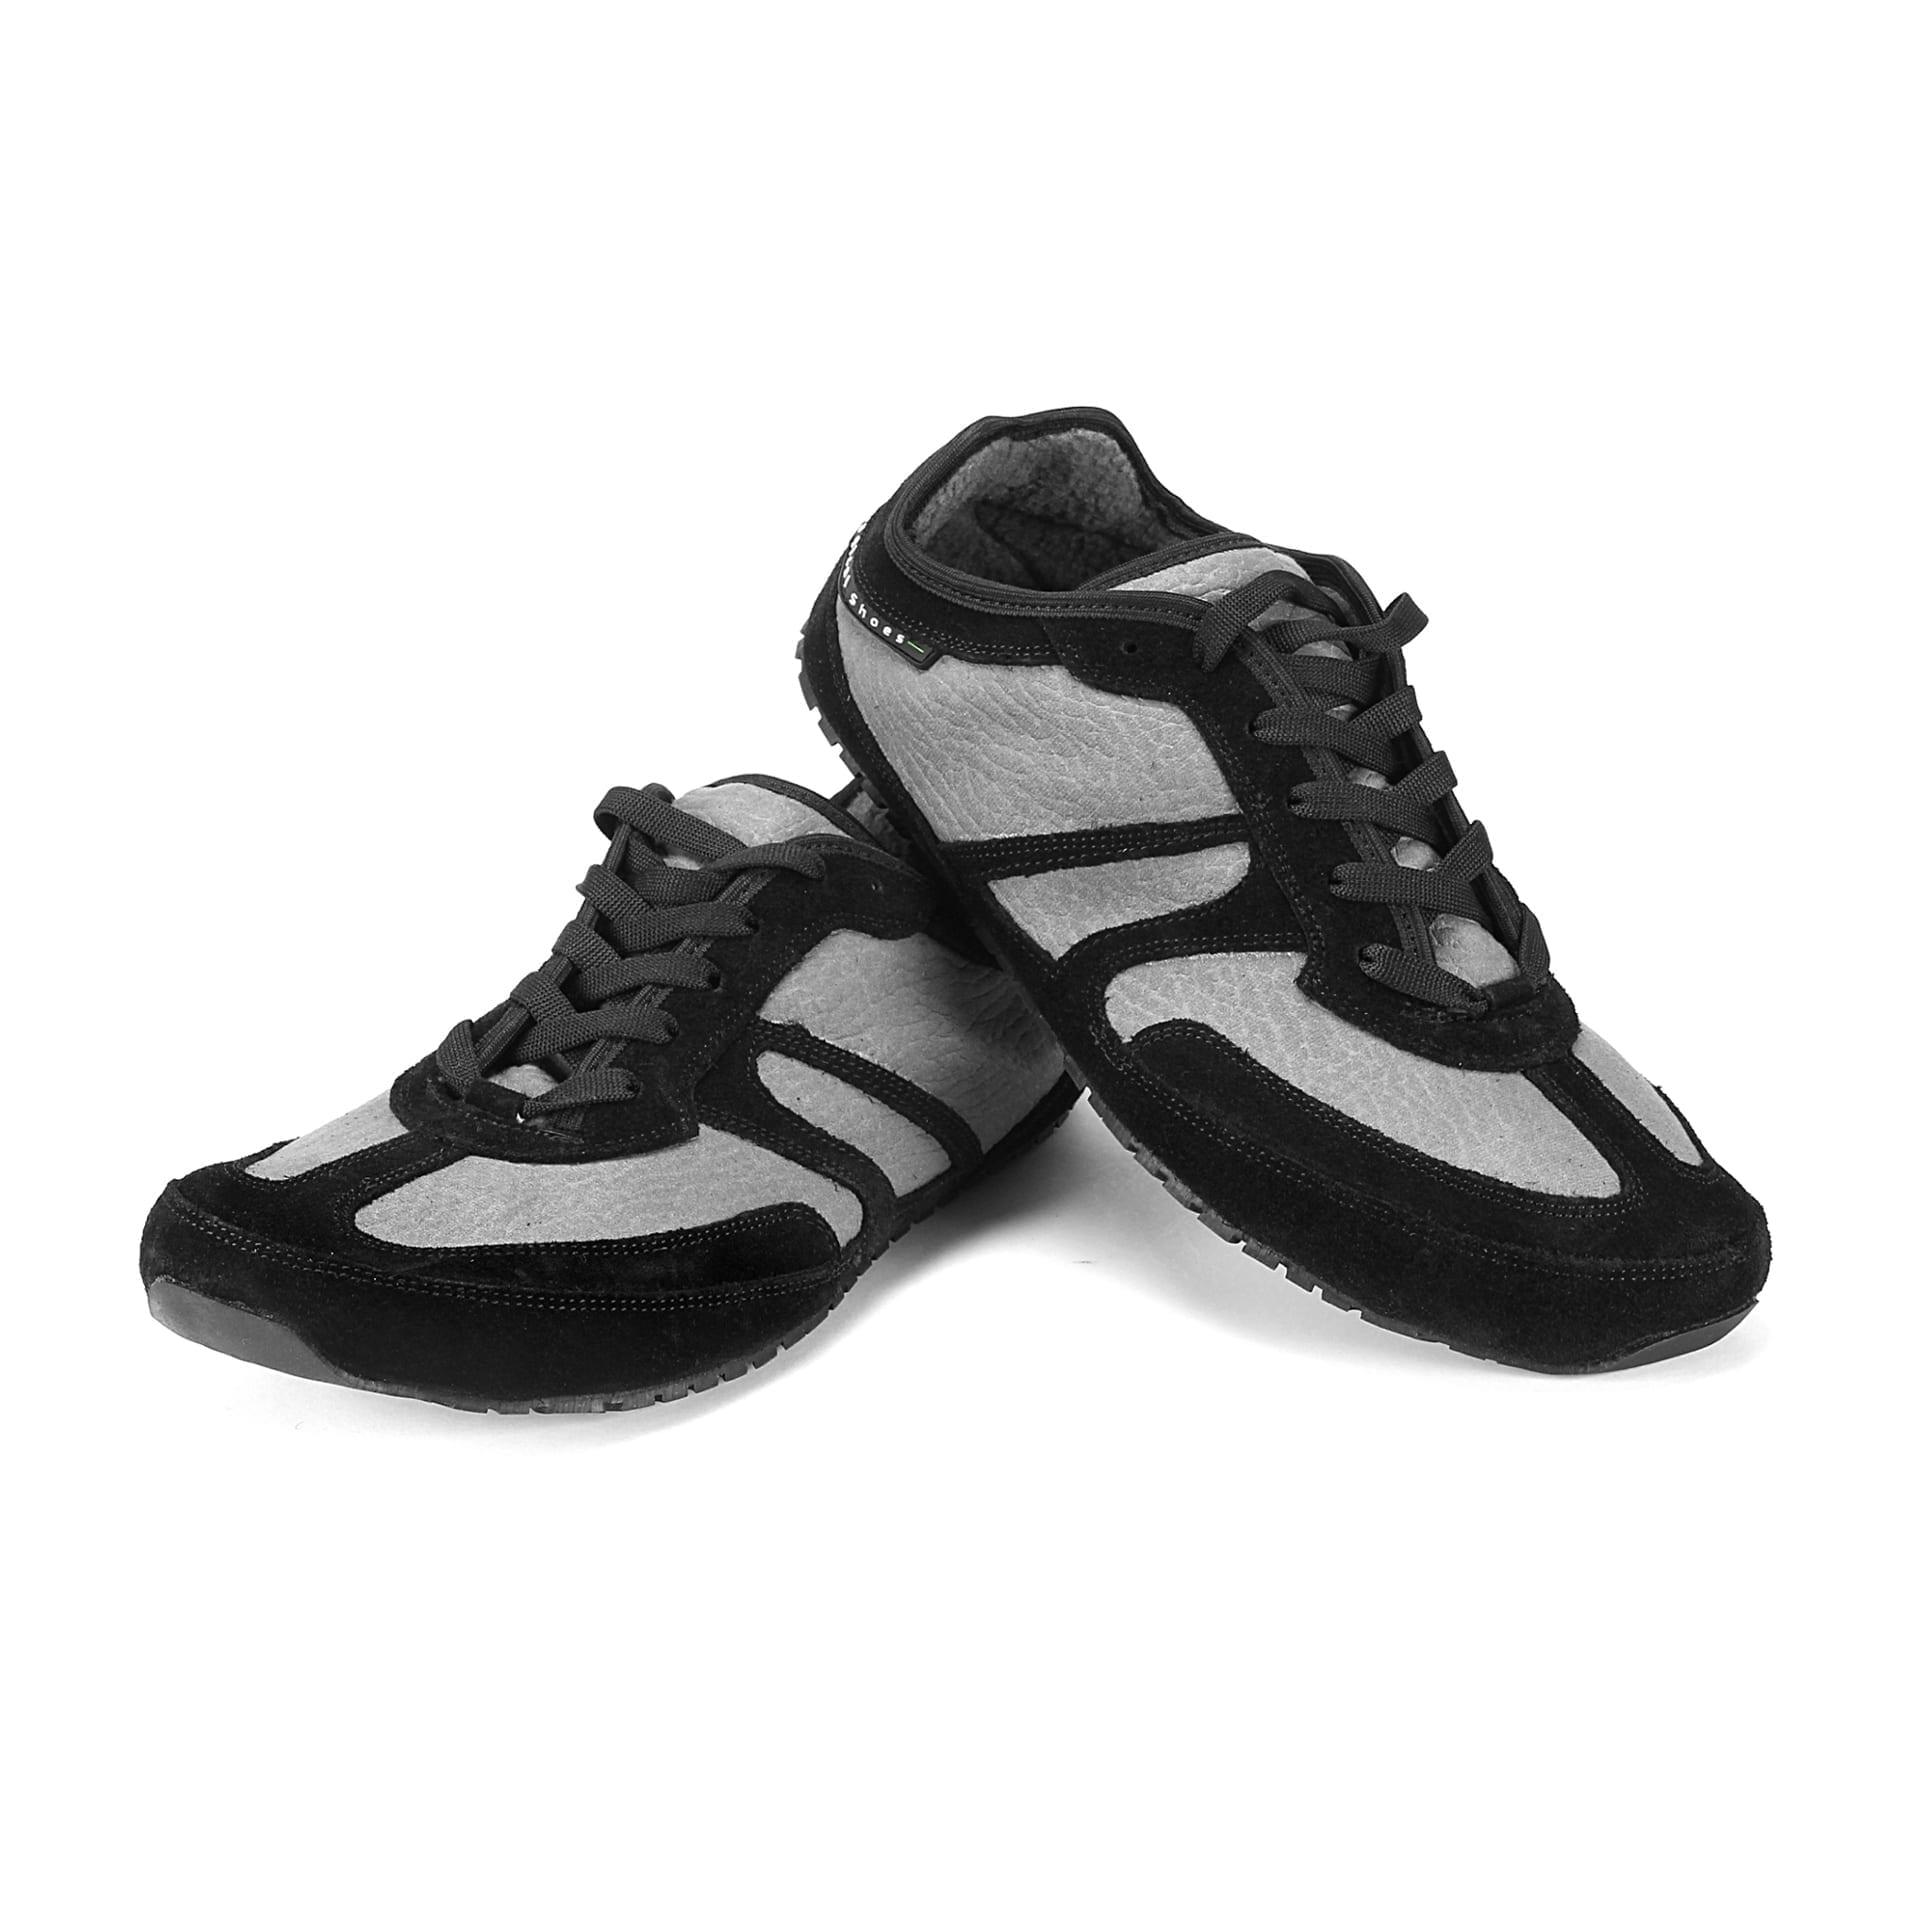 Magical Shoes EXPLORER AUTUMN KODIAK BAREFOOT SHOES picture 1